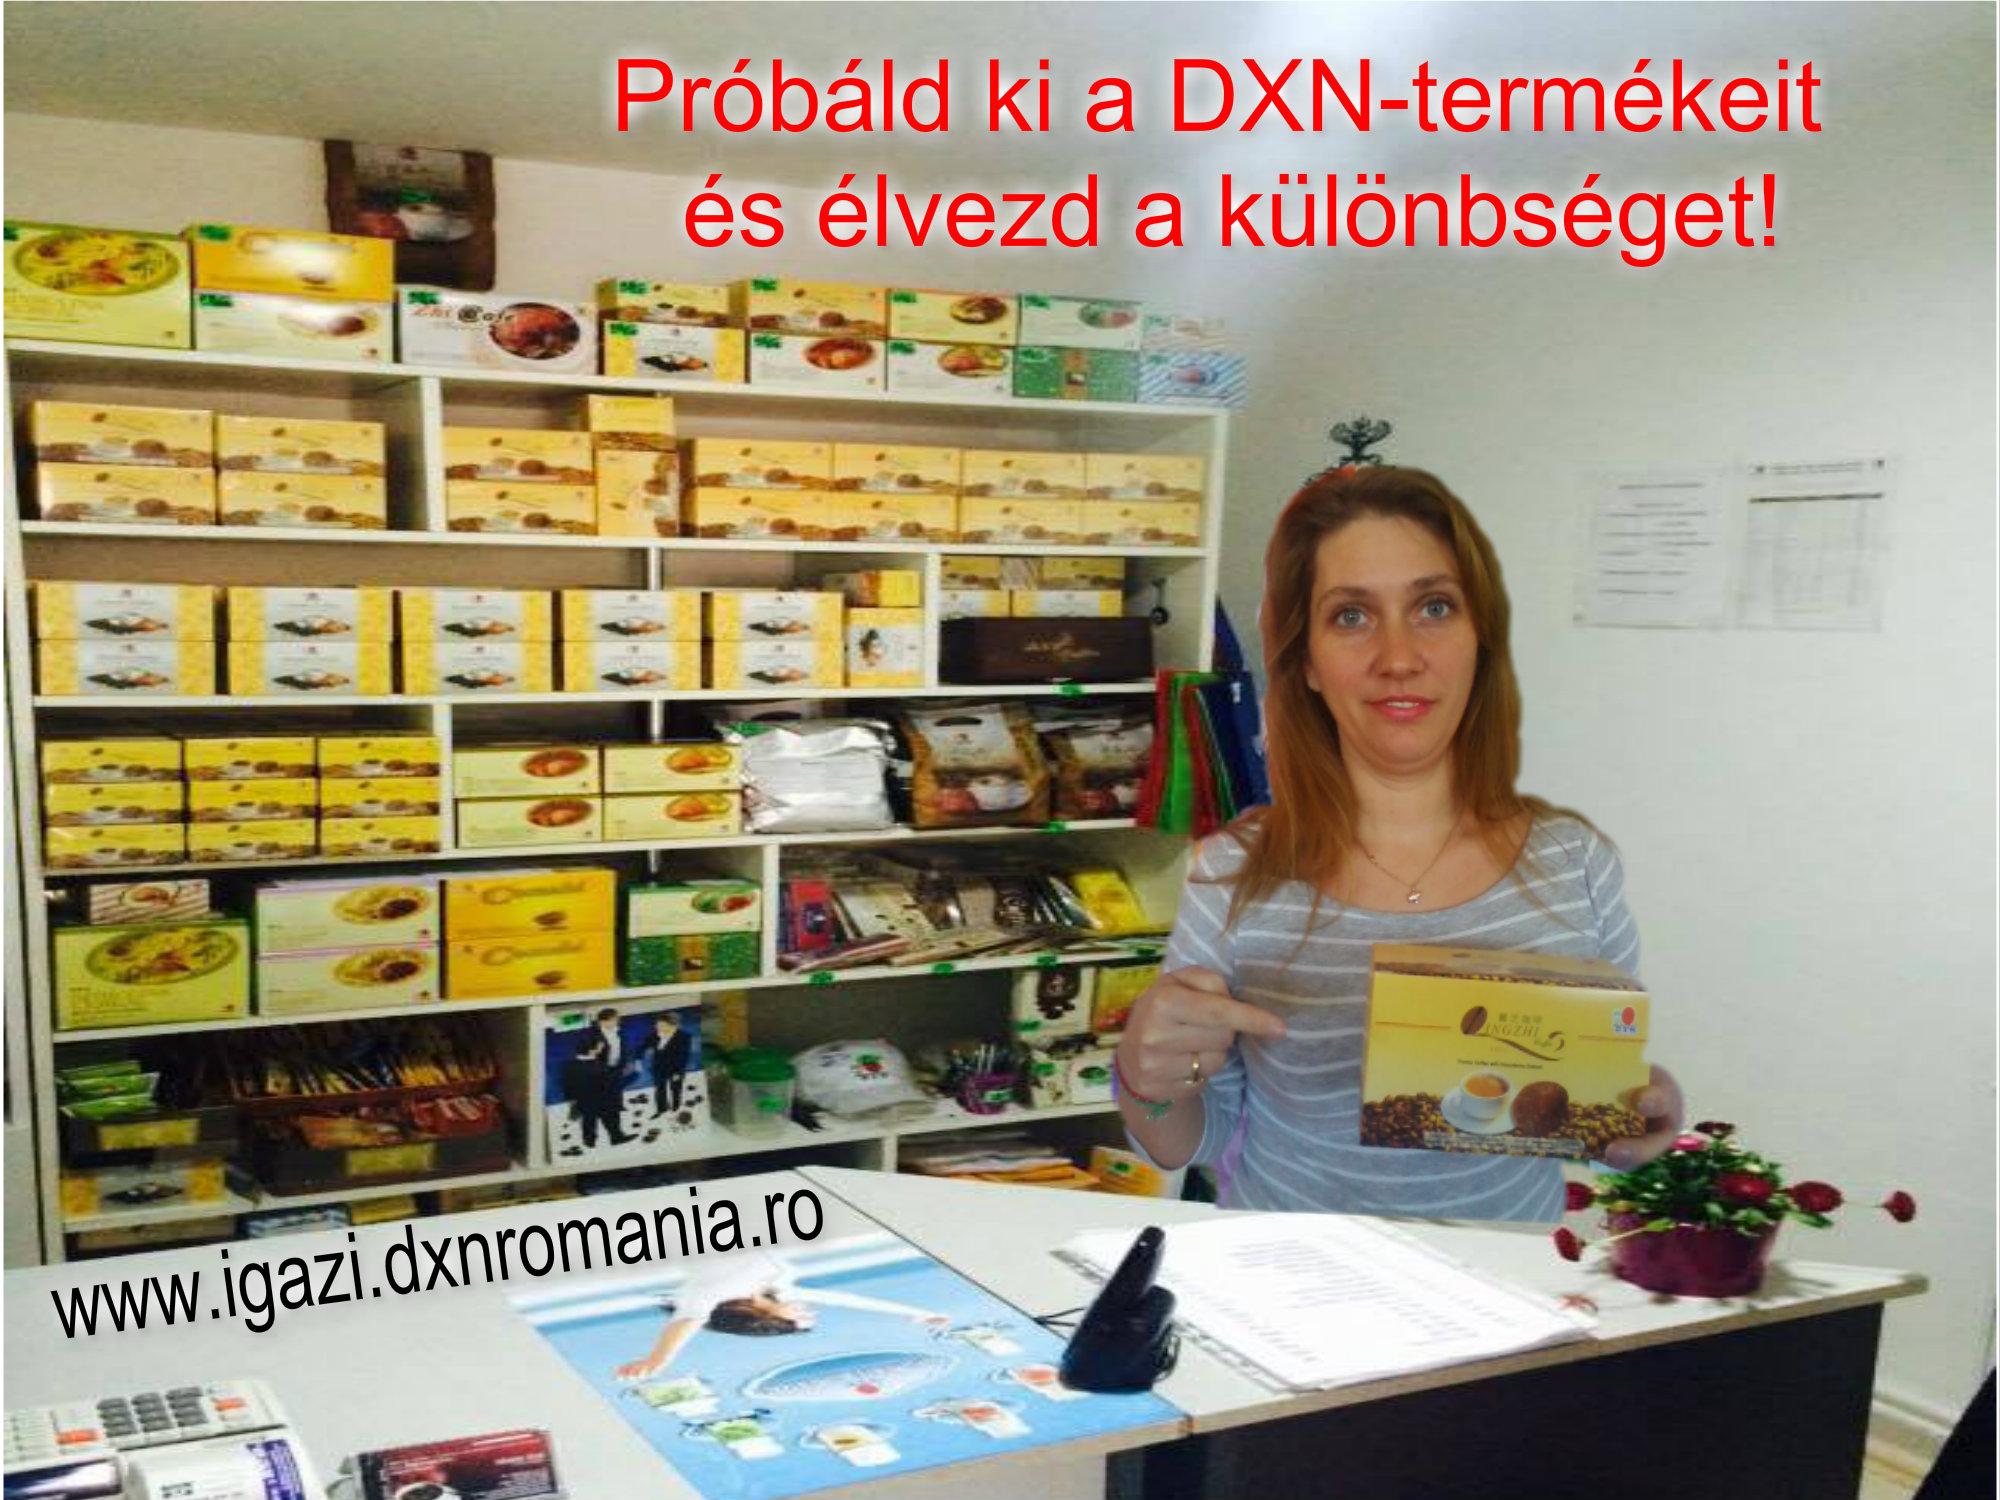 http://images.dxneurope.eu/350000567/pizap.com14313377713321.jpg